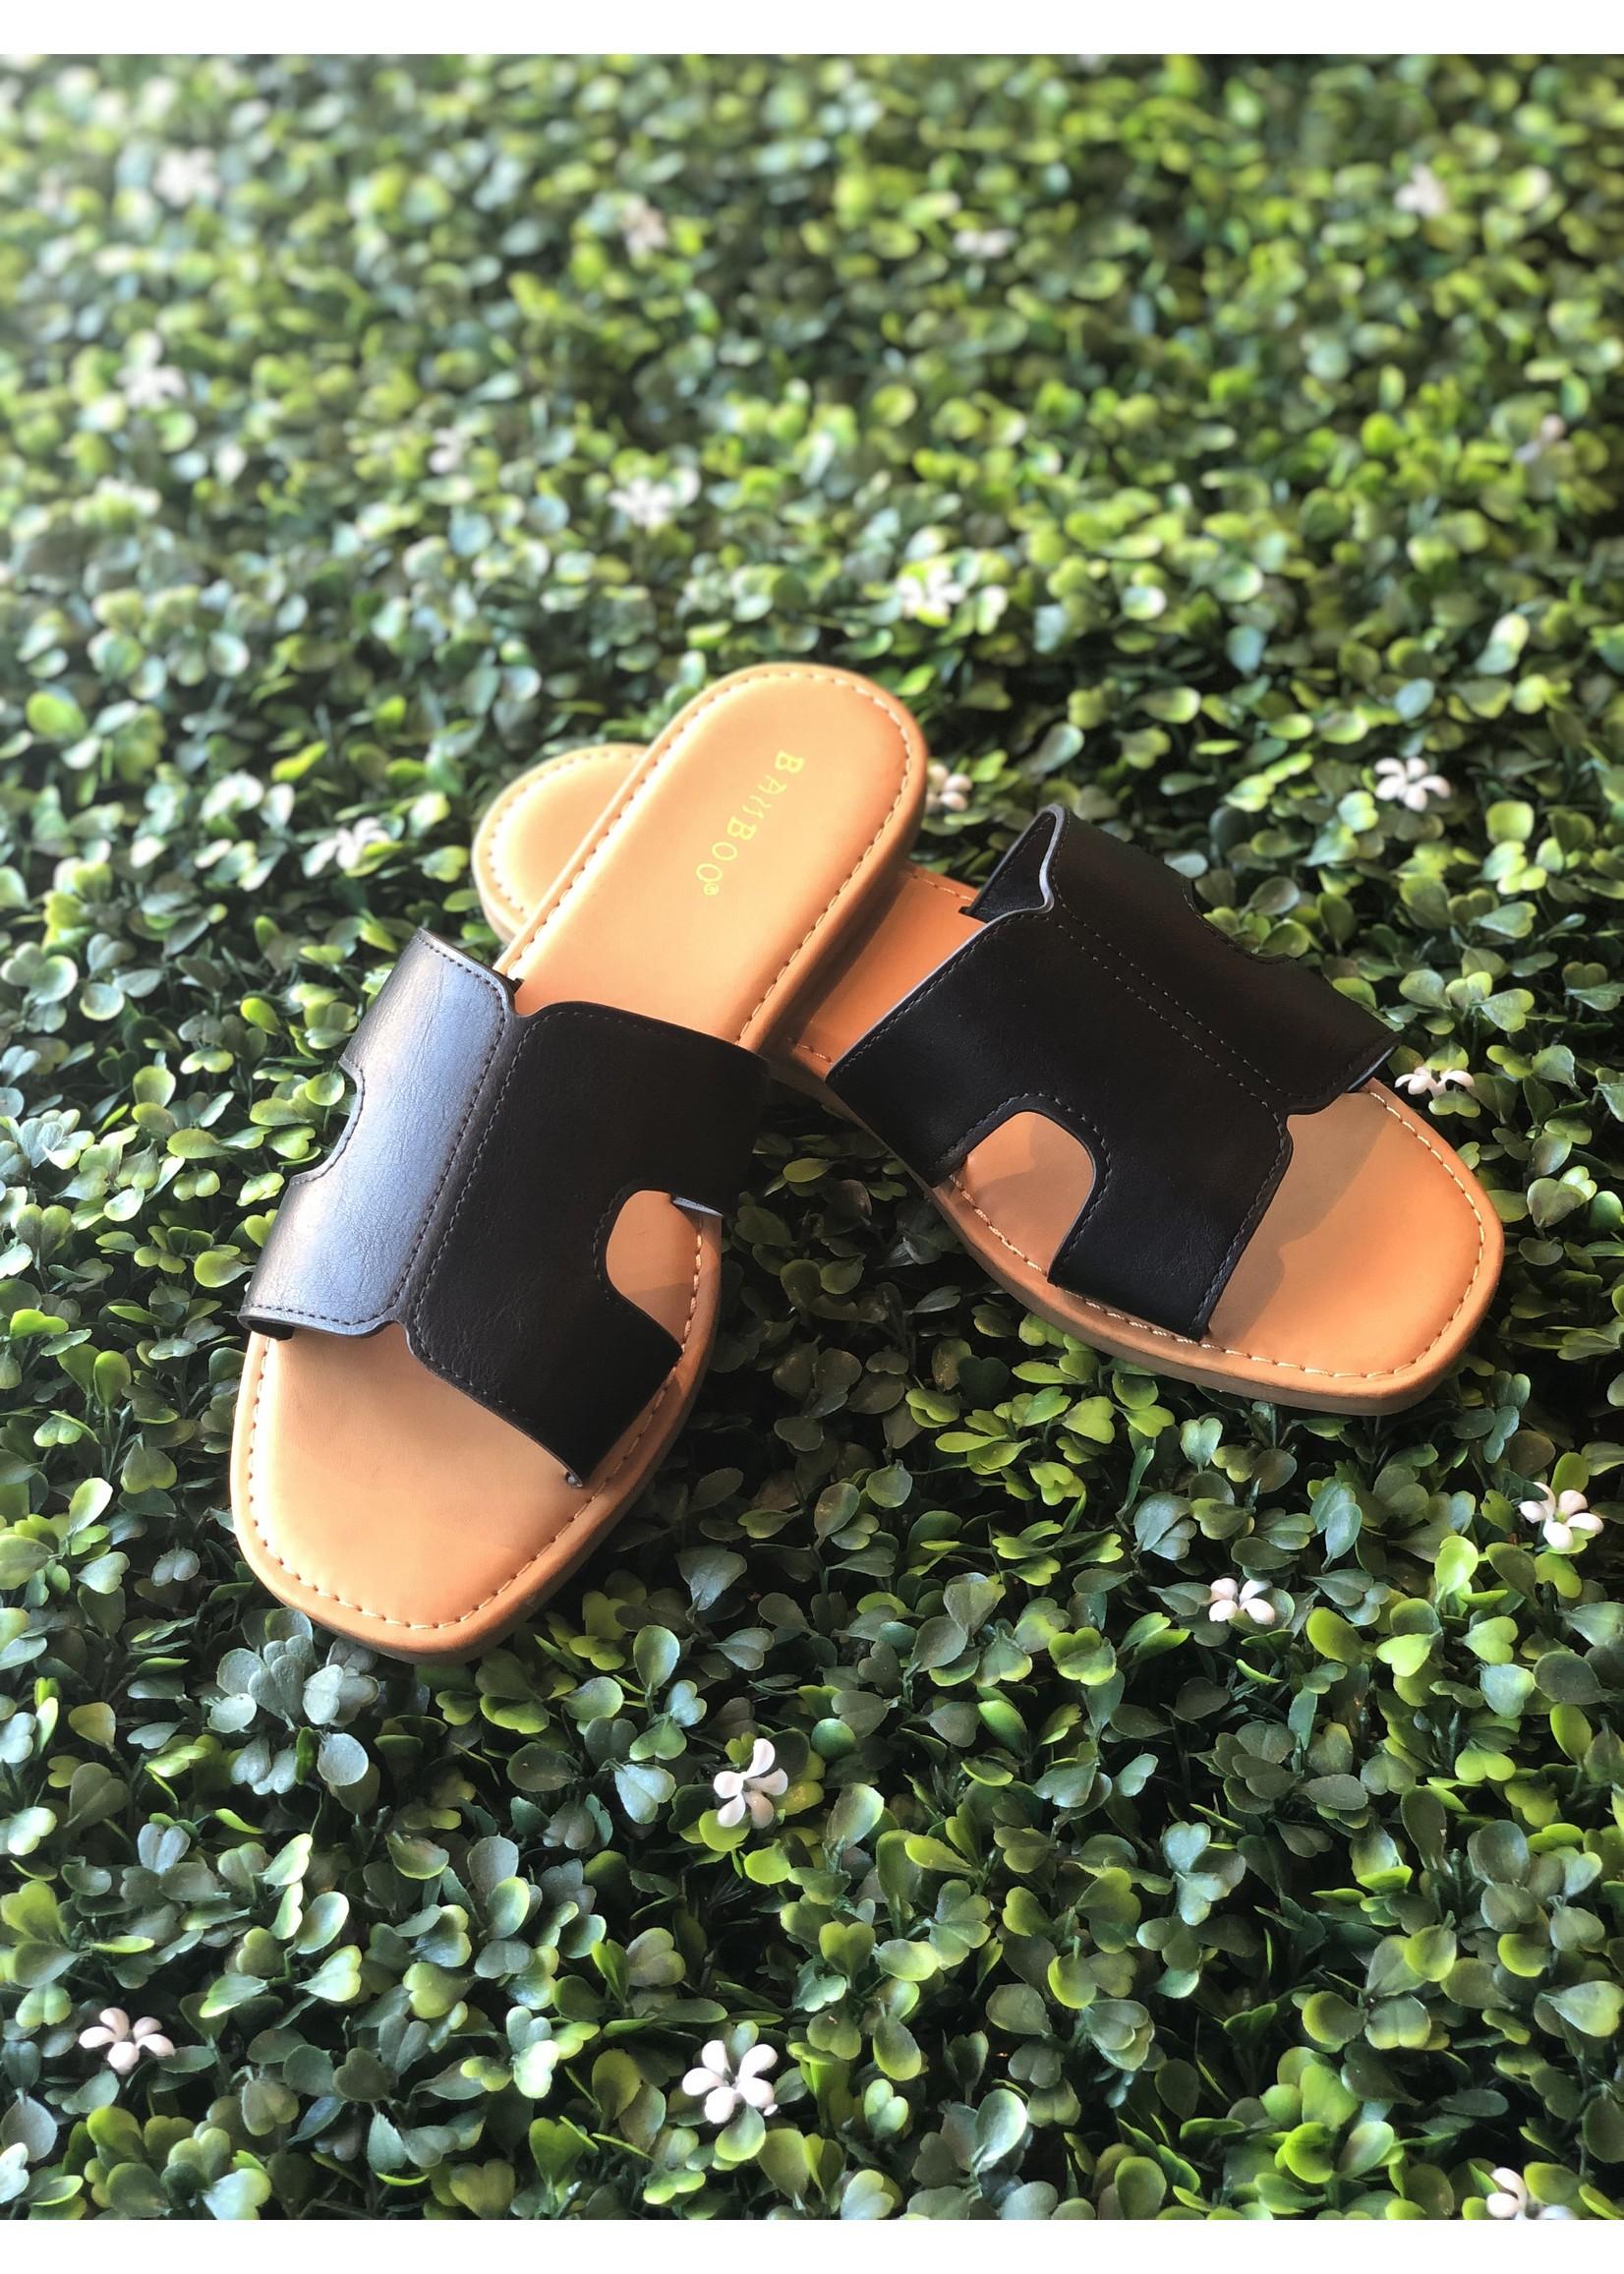 Hermes Inspired Sandals